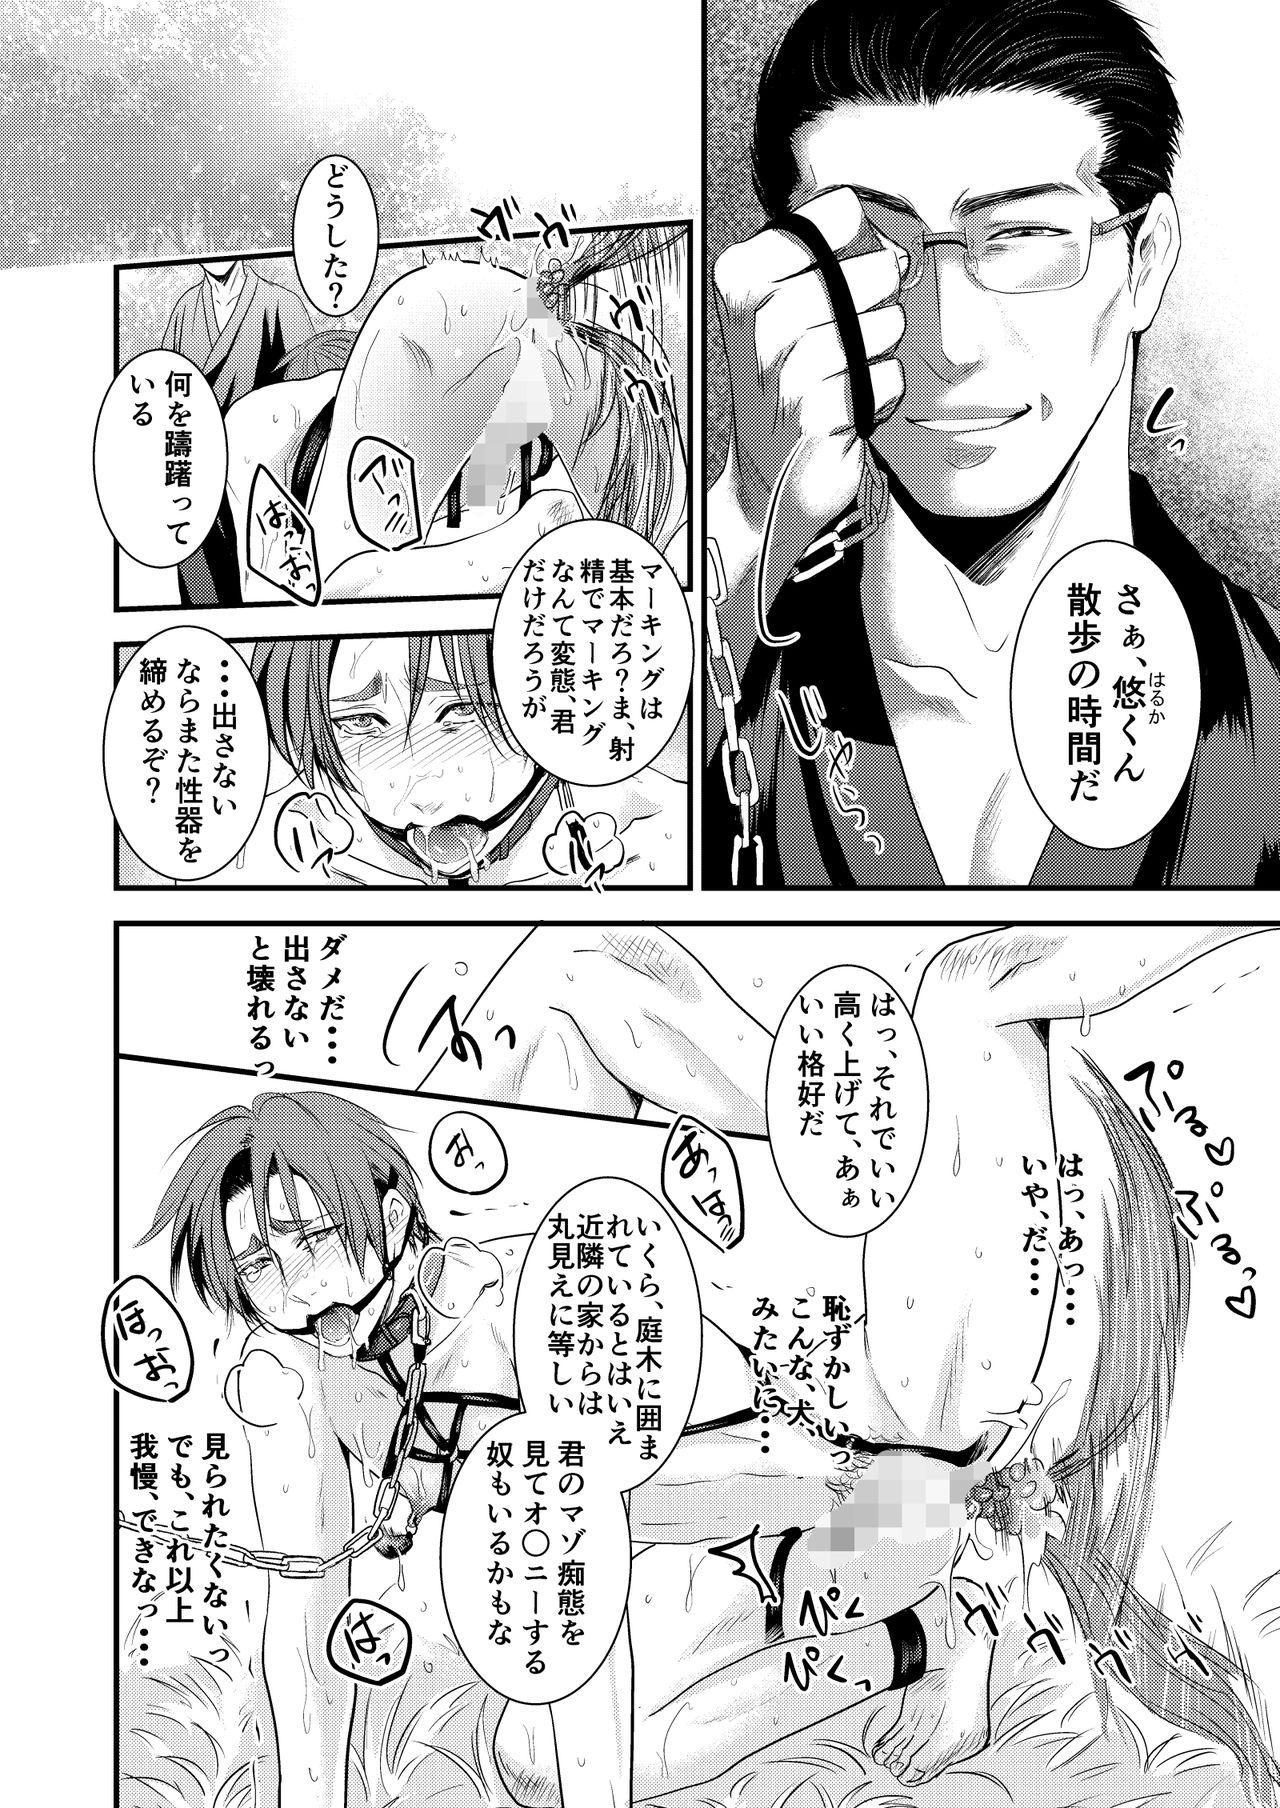 [Nengaranenjuu] Kono Ai wa Yamai ni Nite iru (Bangaihen) Shitsuke no Kura [Digital] 13